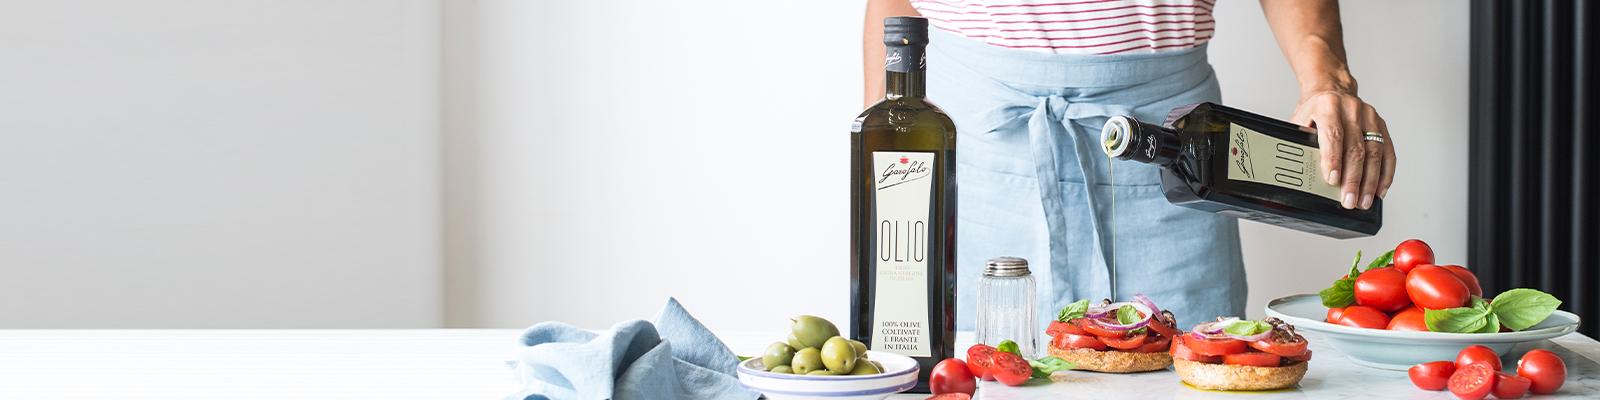 Pasta Garofalo - Huile d'olive extra vierge